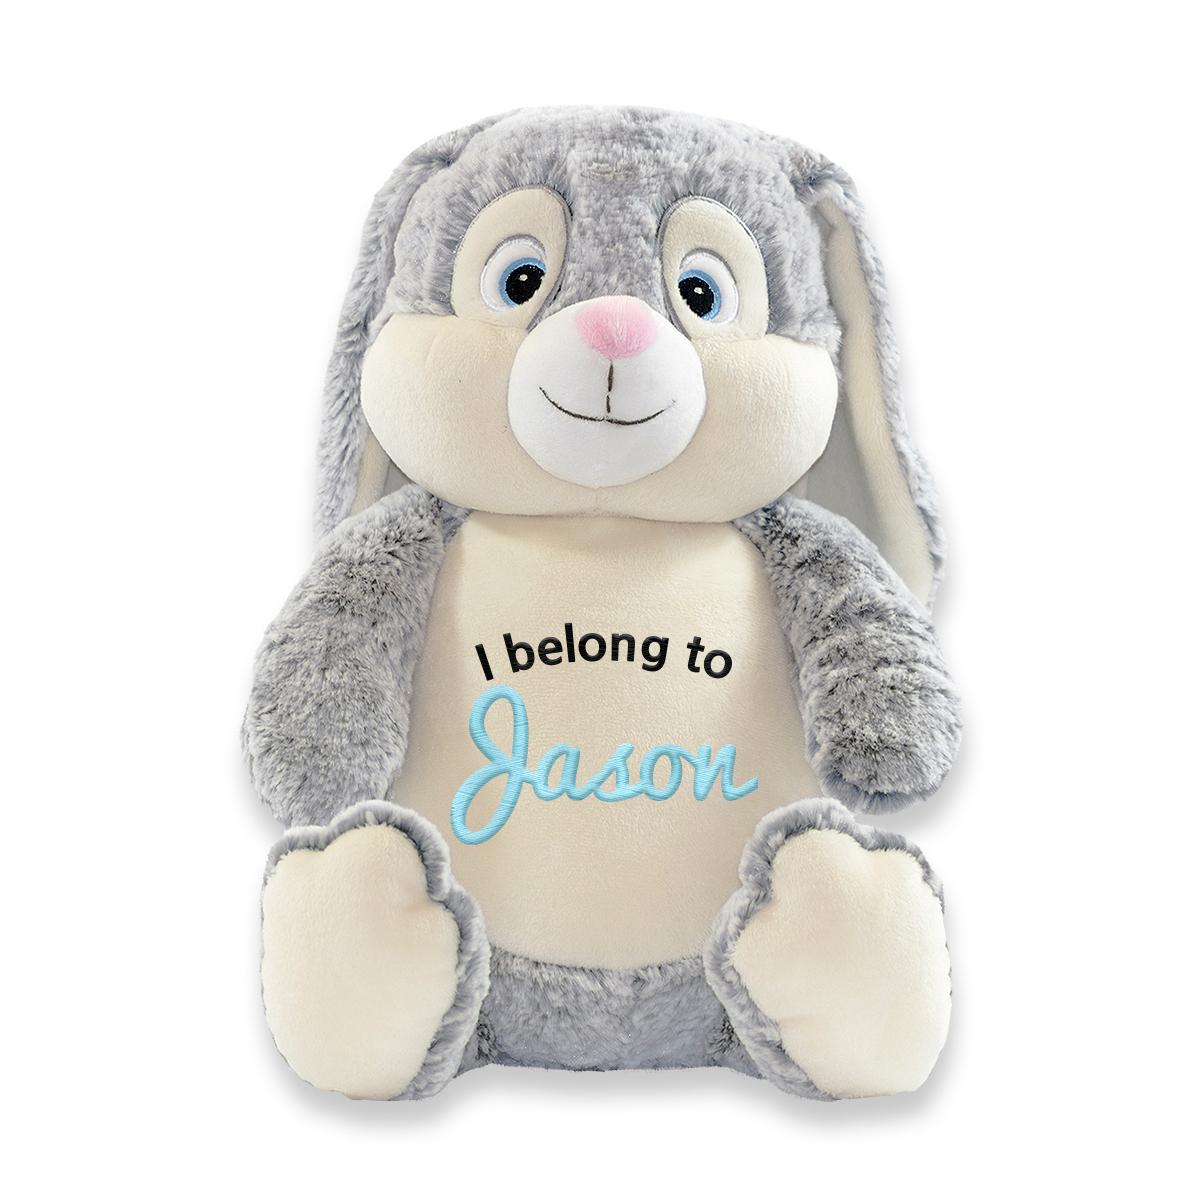 Cubby_0036_Bunny-Grey-New copy